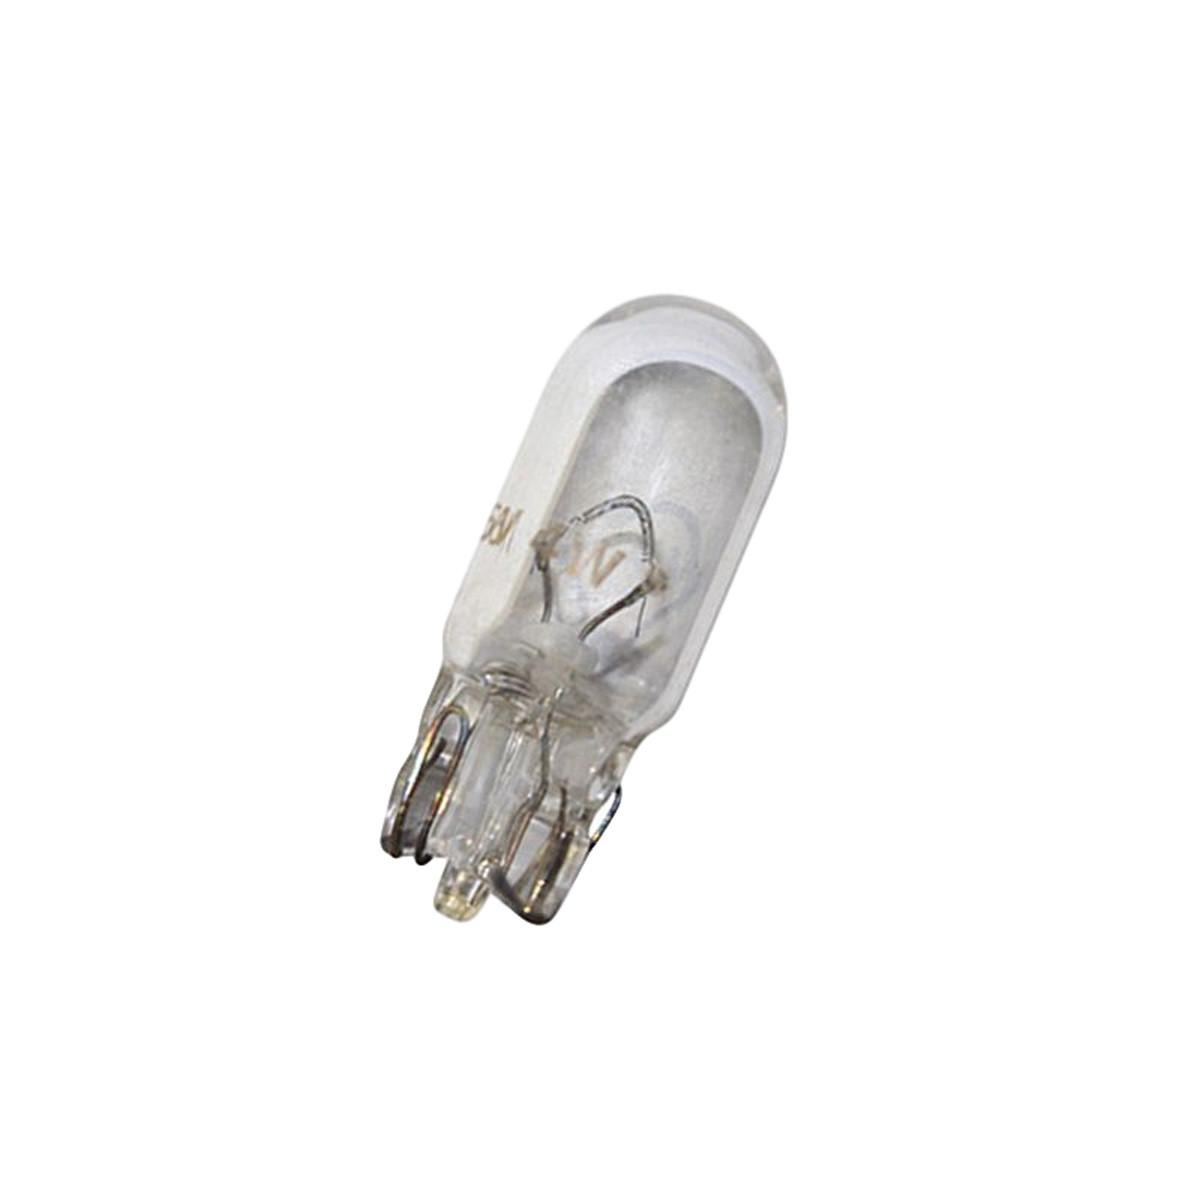 Ampoule 6V 3W W3W Wedge - FLOSSER Blanc